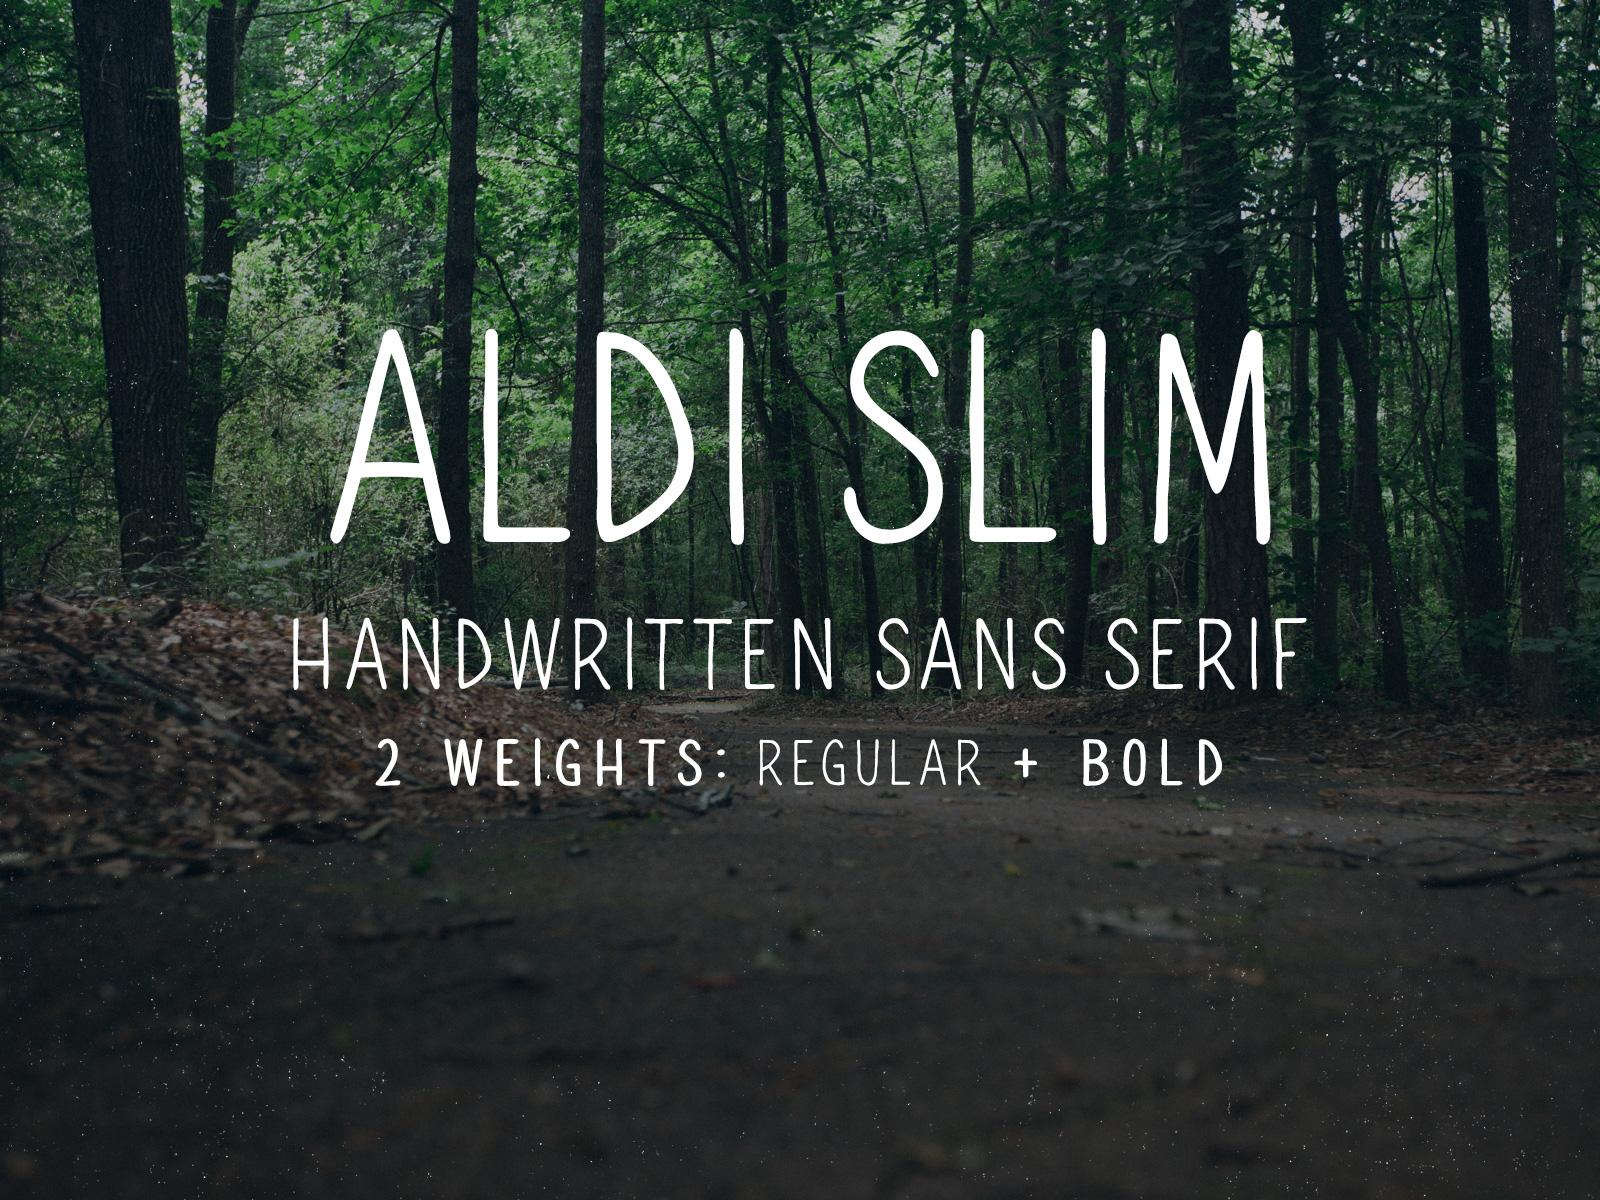 Image aldi slim